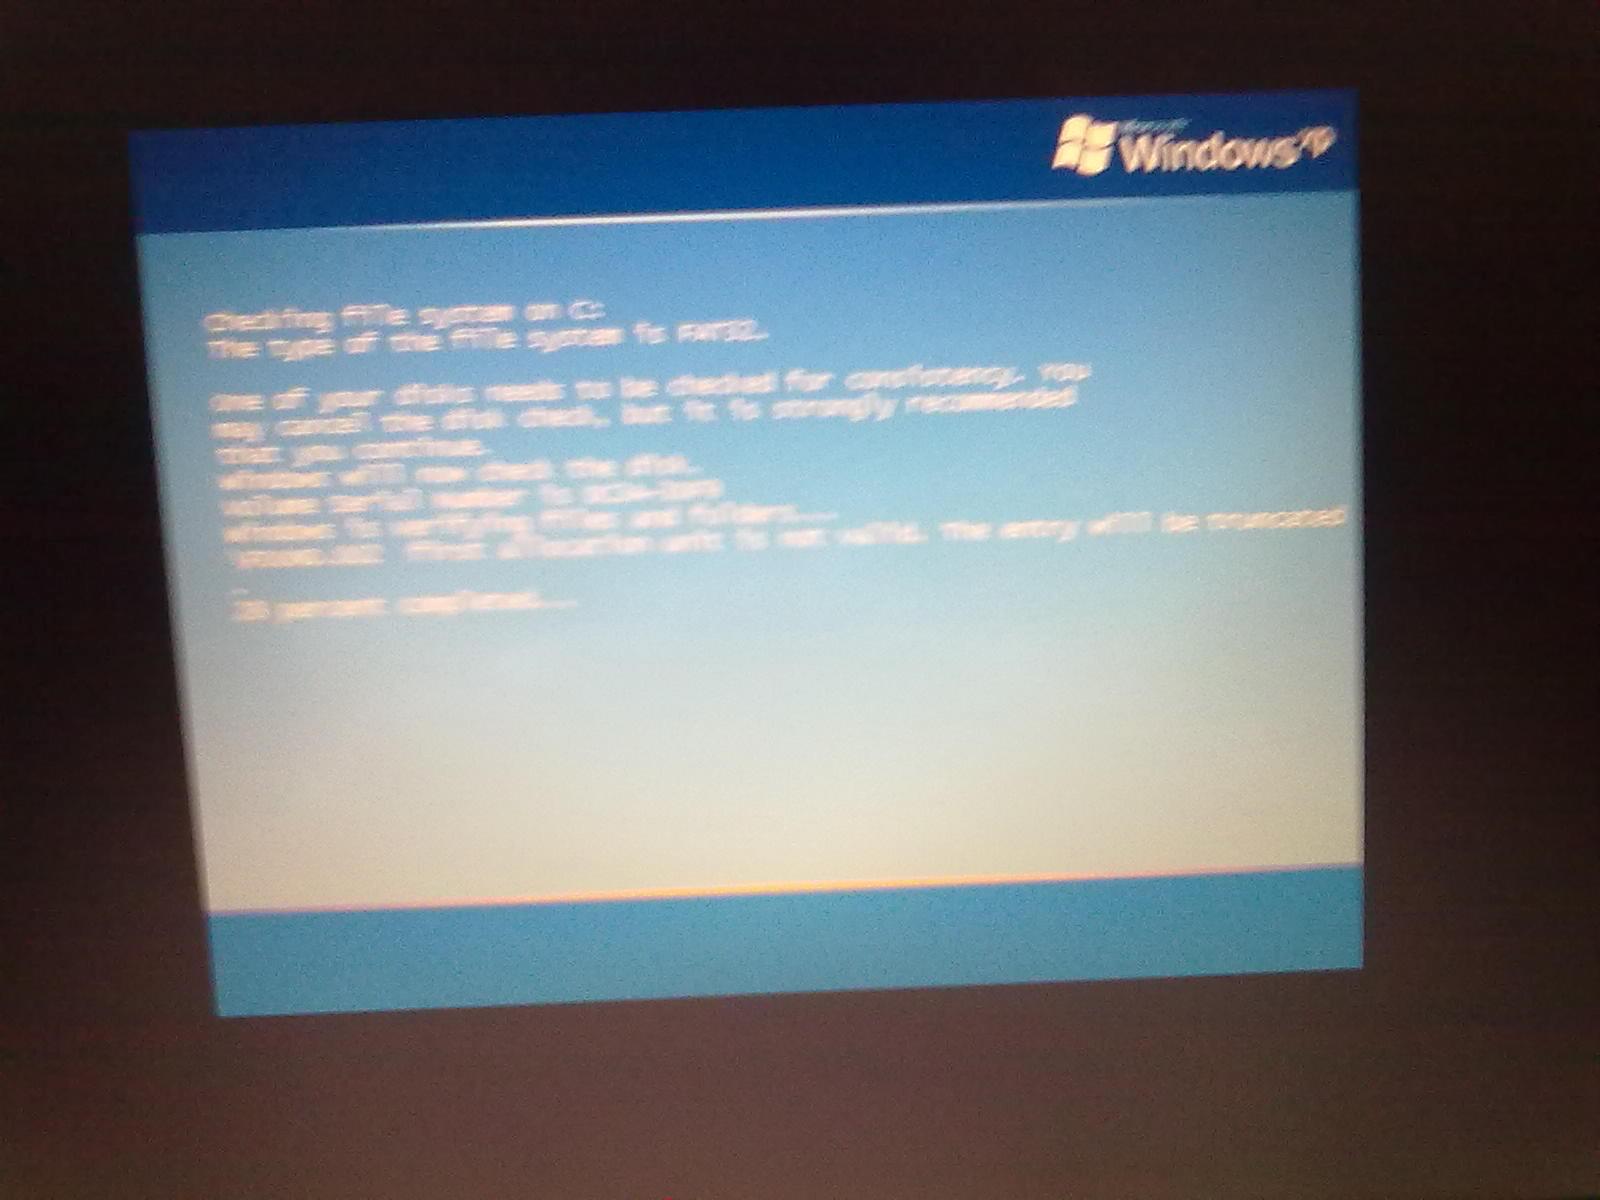 笔记本电脑开机后不显示桌面图标或任务栏怎么解决图片